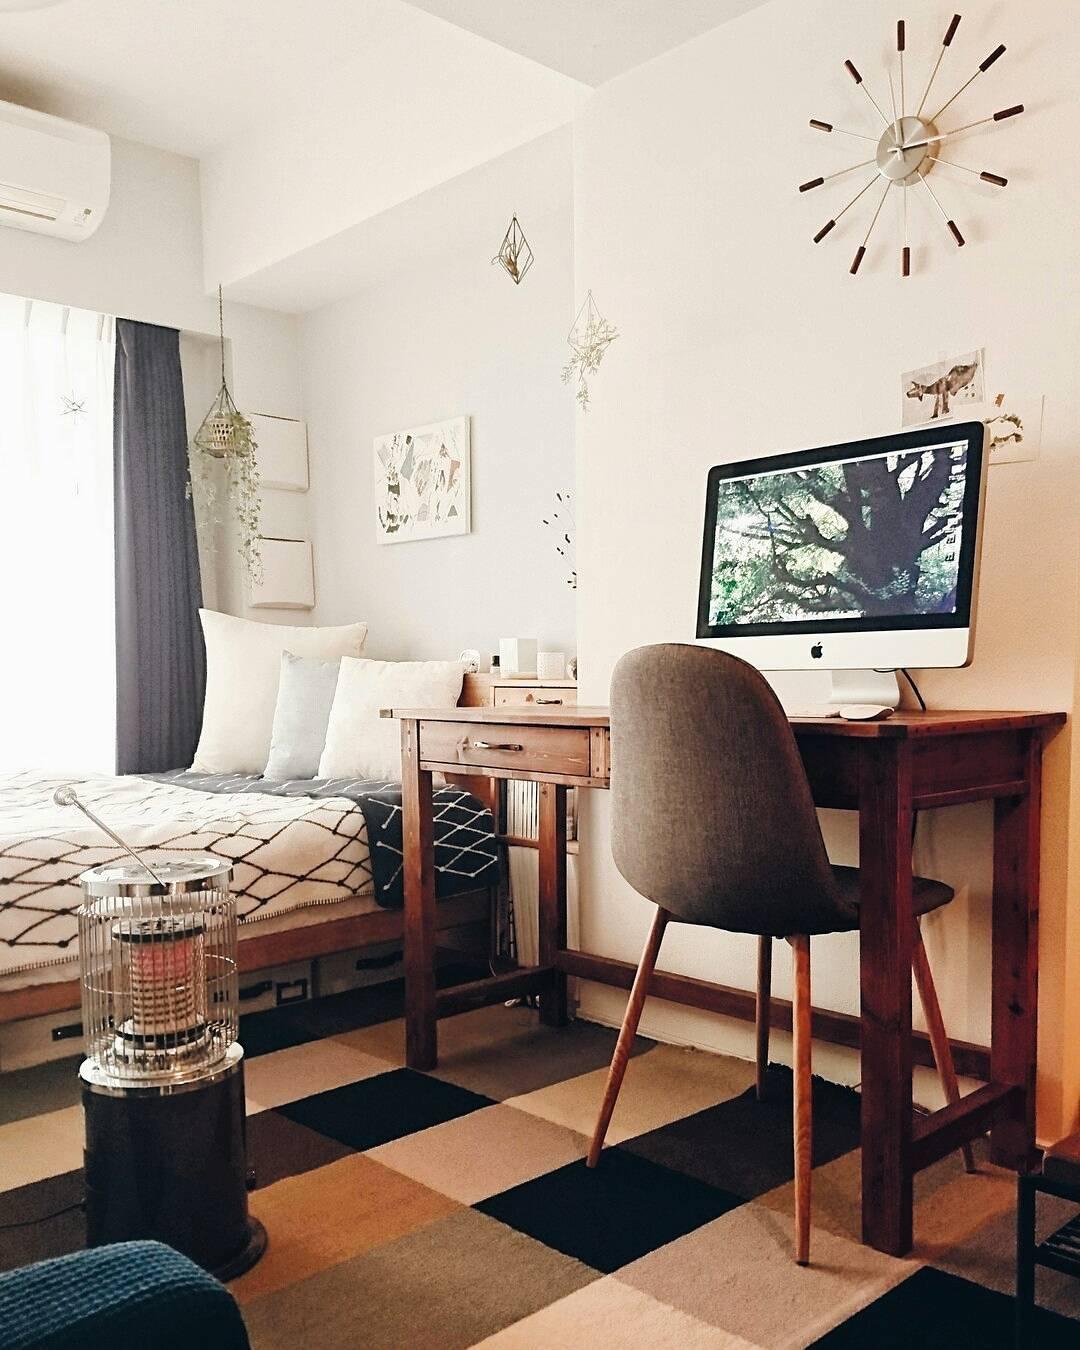 【一人暮らし部屋、もっと素敵に】インテリアコーディネートのヒント集のサムネイル画像